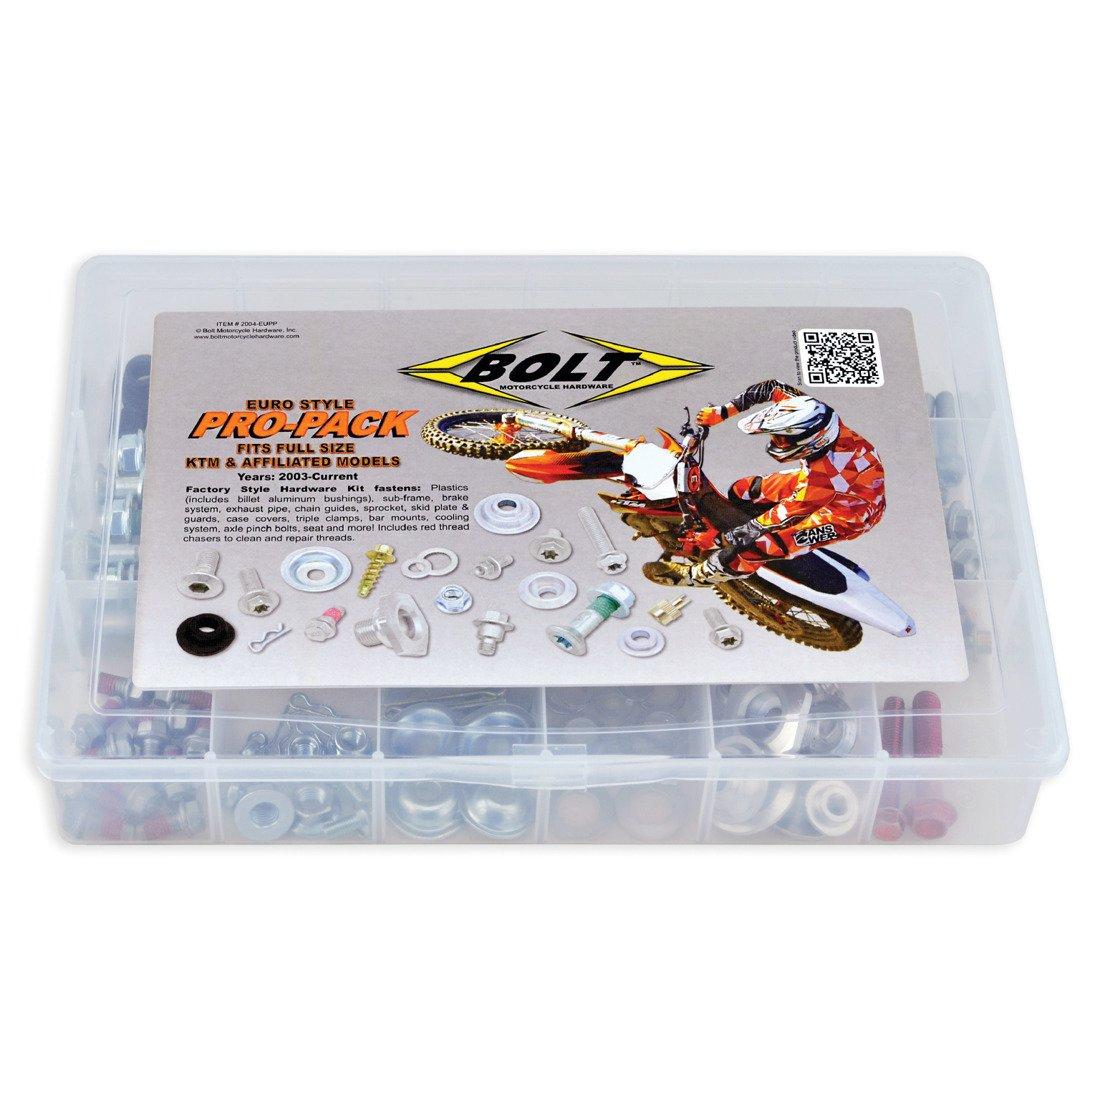 Bolt pro-pack schraubenkit 180 adapté pour KTM EXC 300 à partir de Bj 98